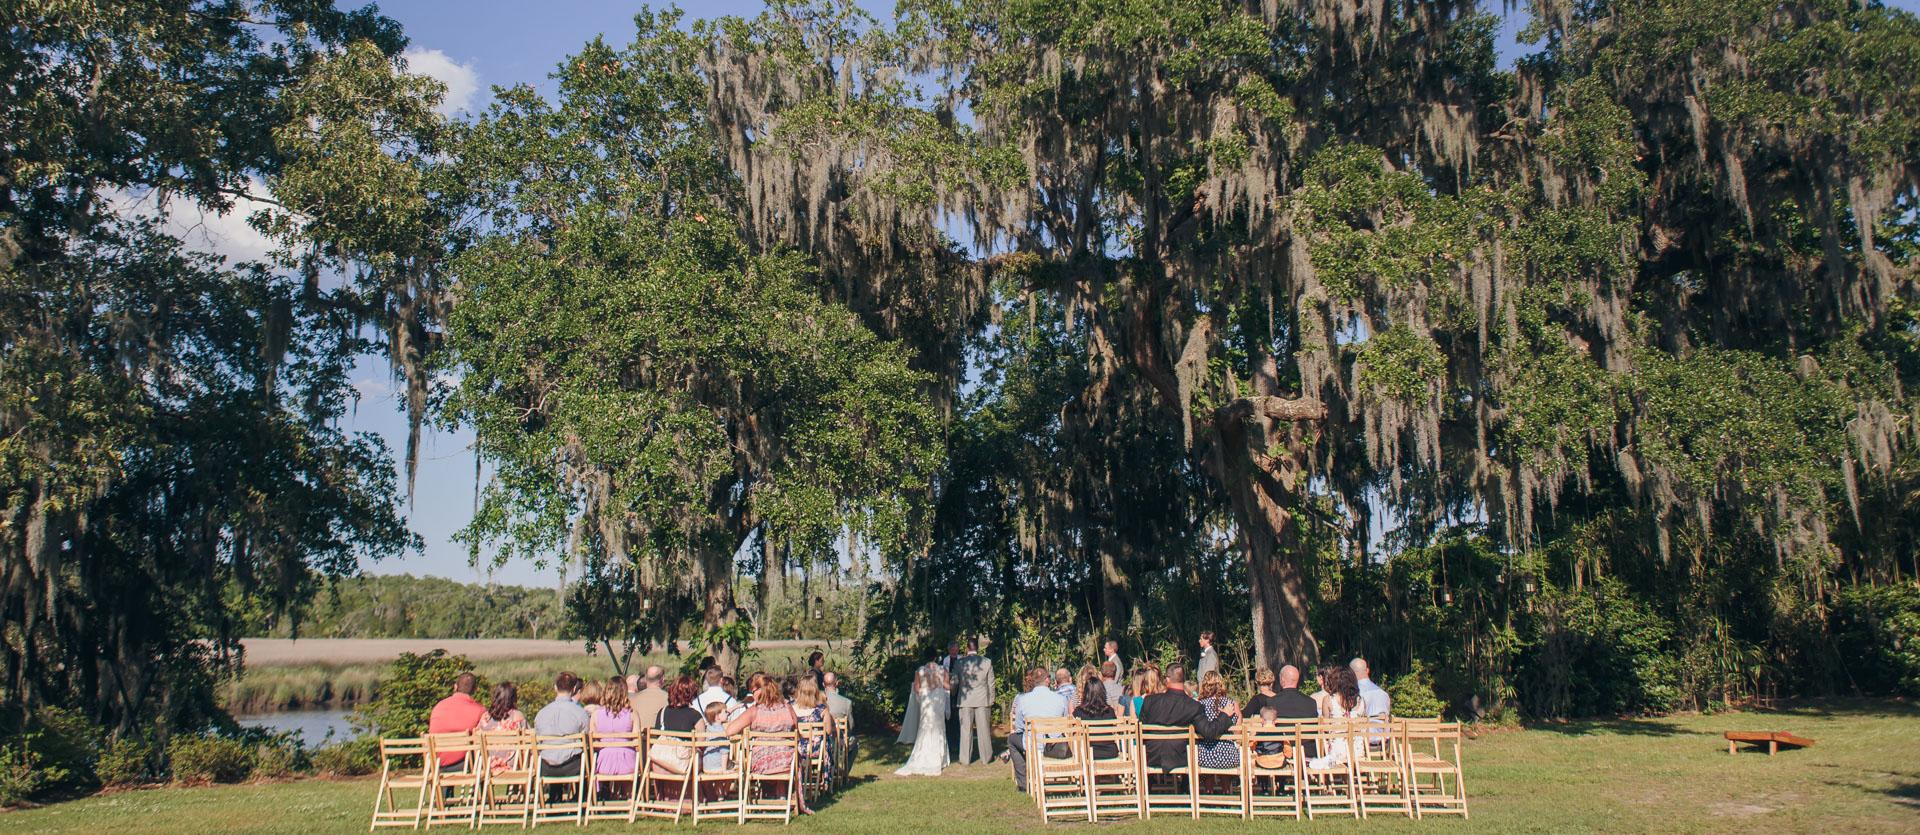 Groves Ceremony